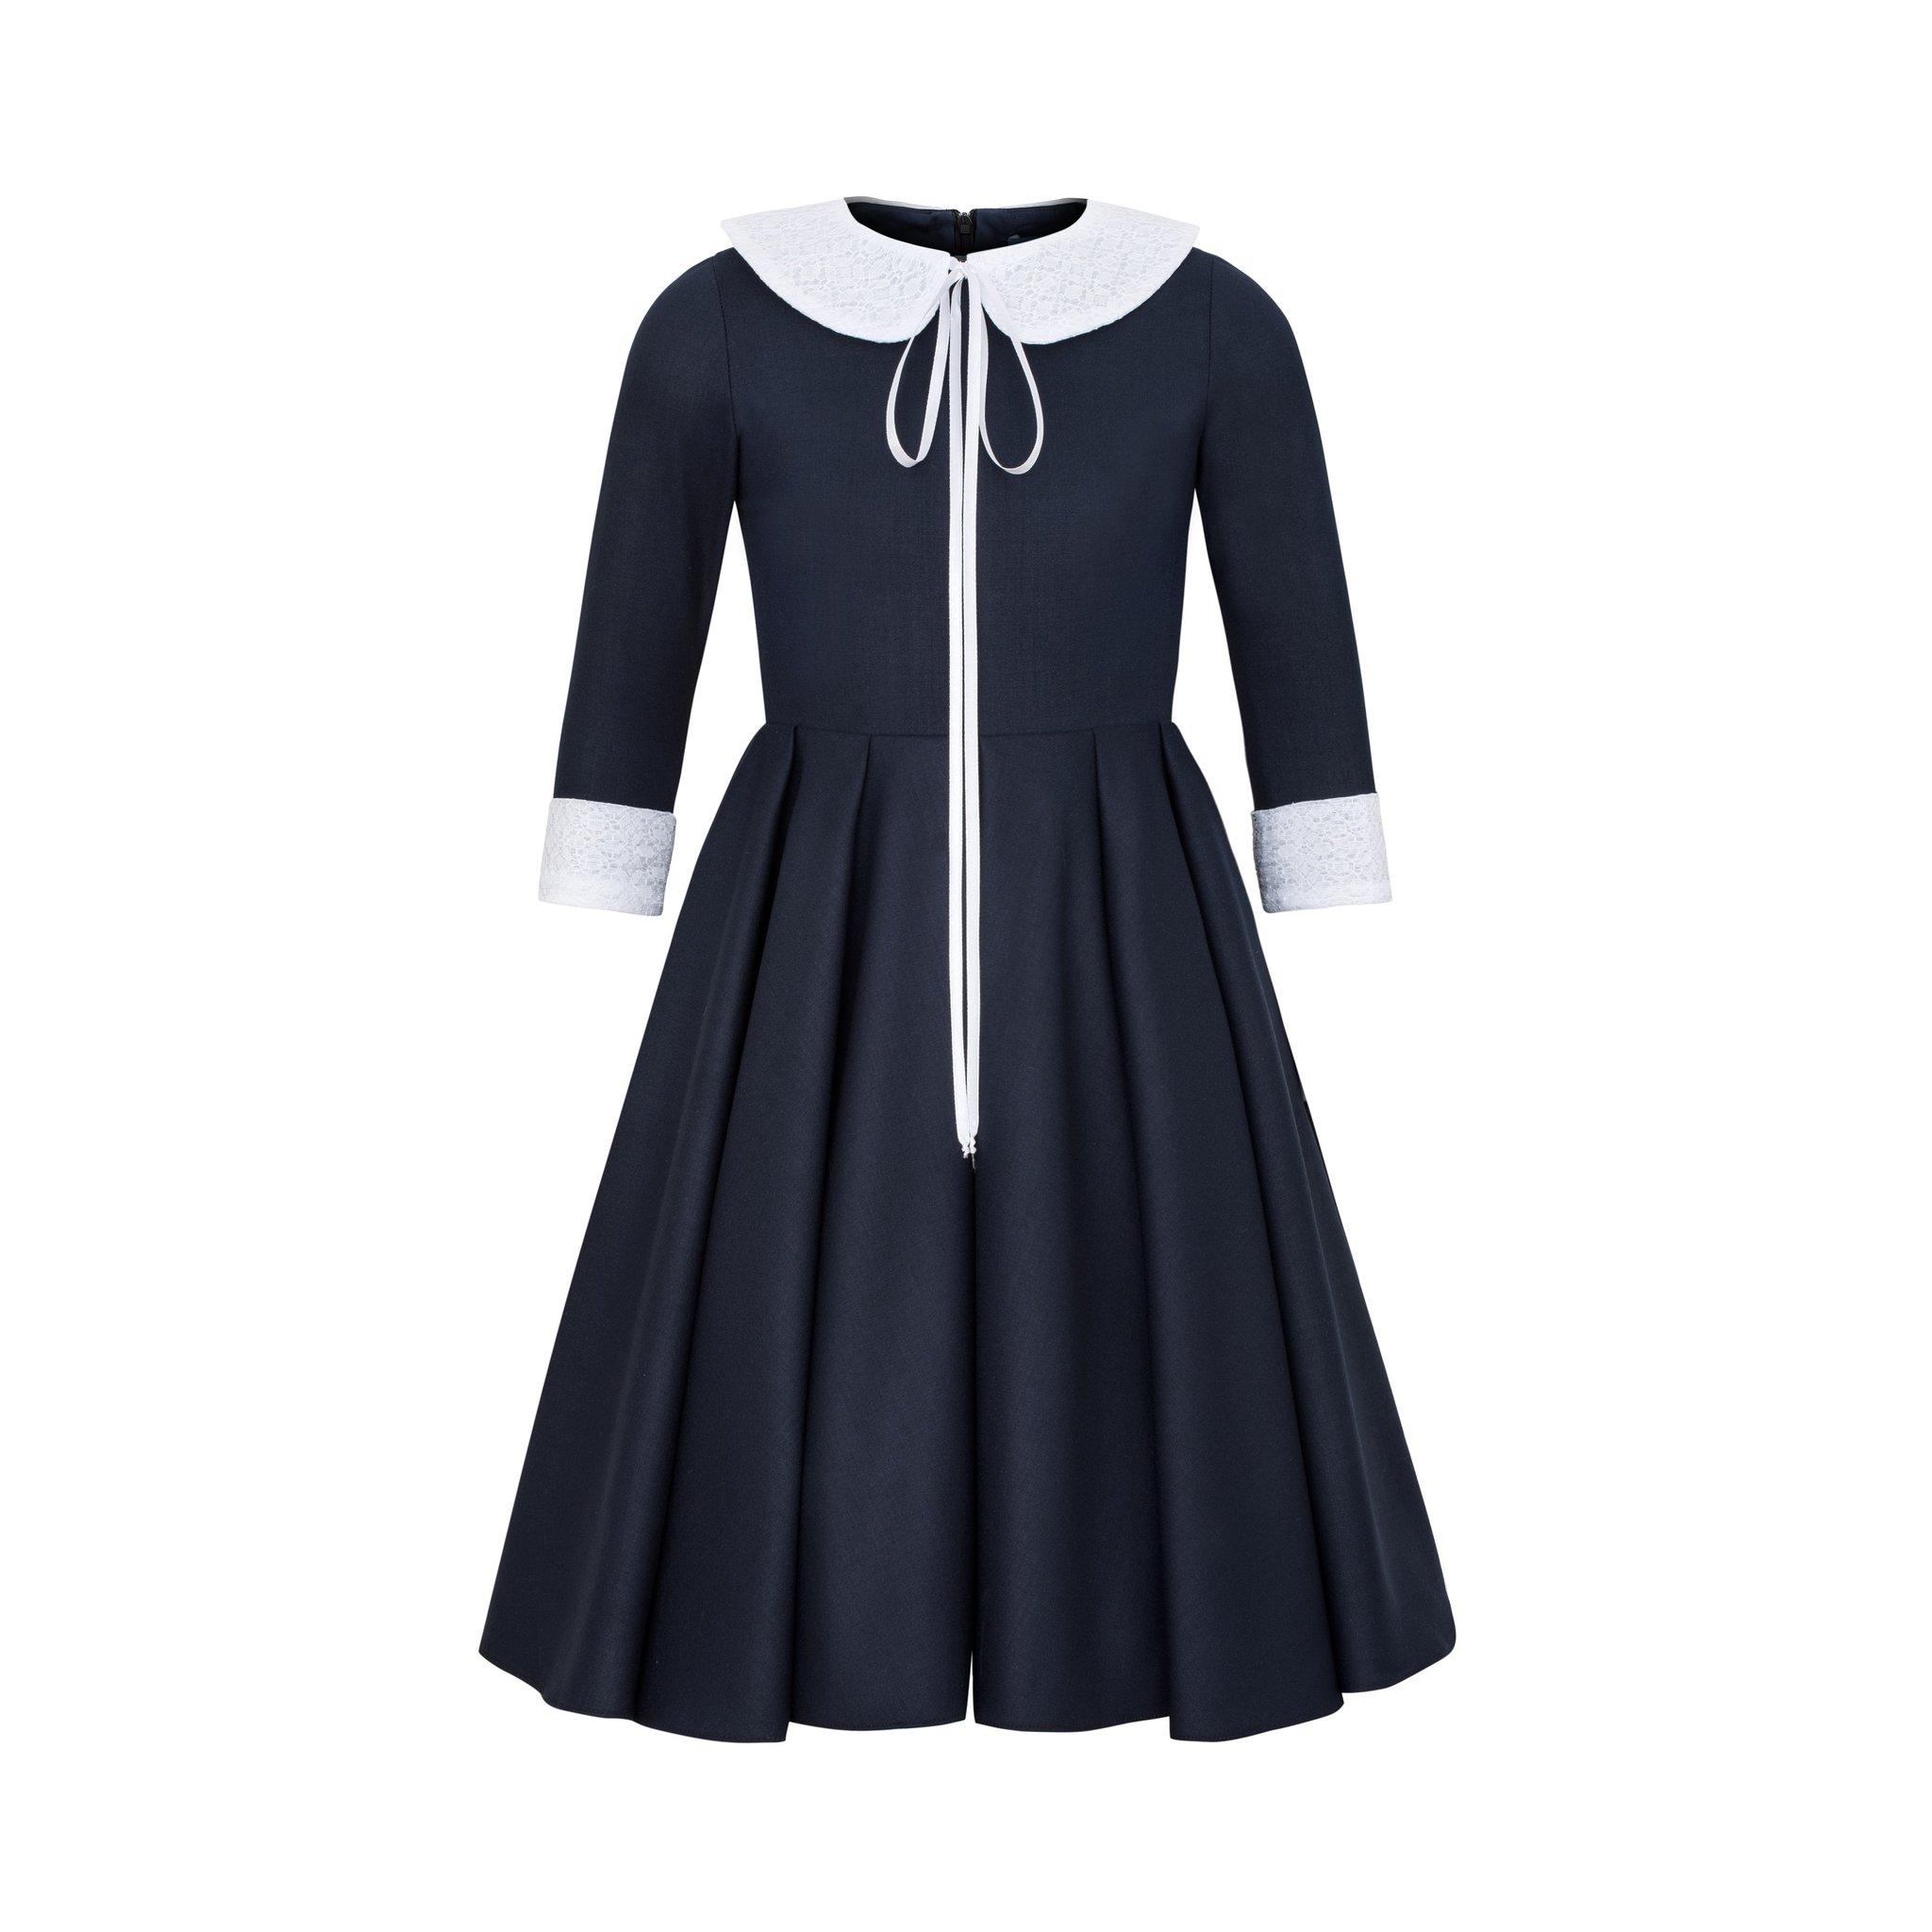 Granatowa sukienka z kołnierzykiem wiskoza granatowy - Domino.little.dress